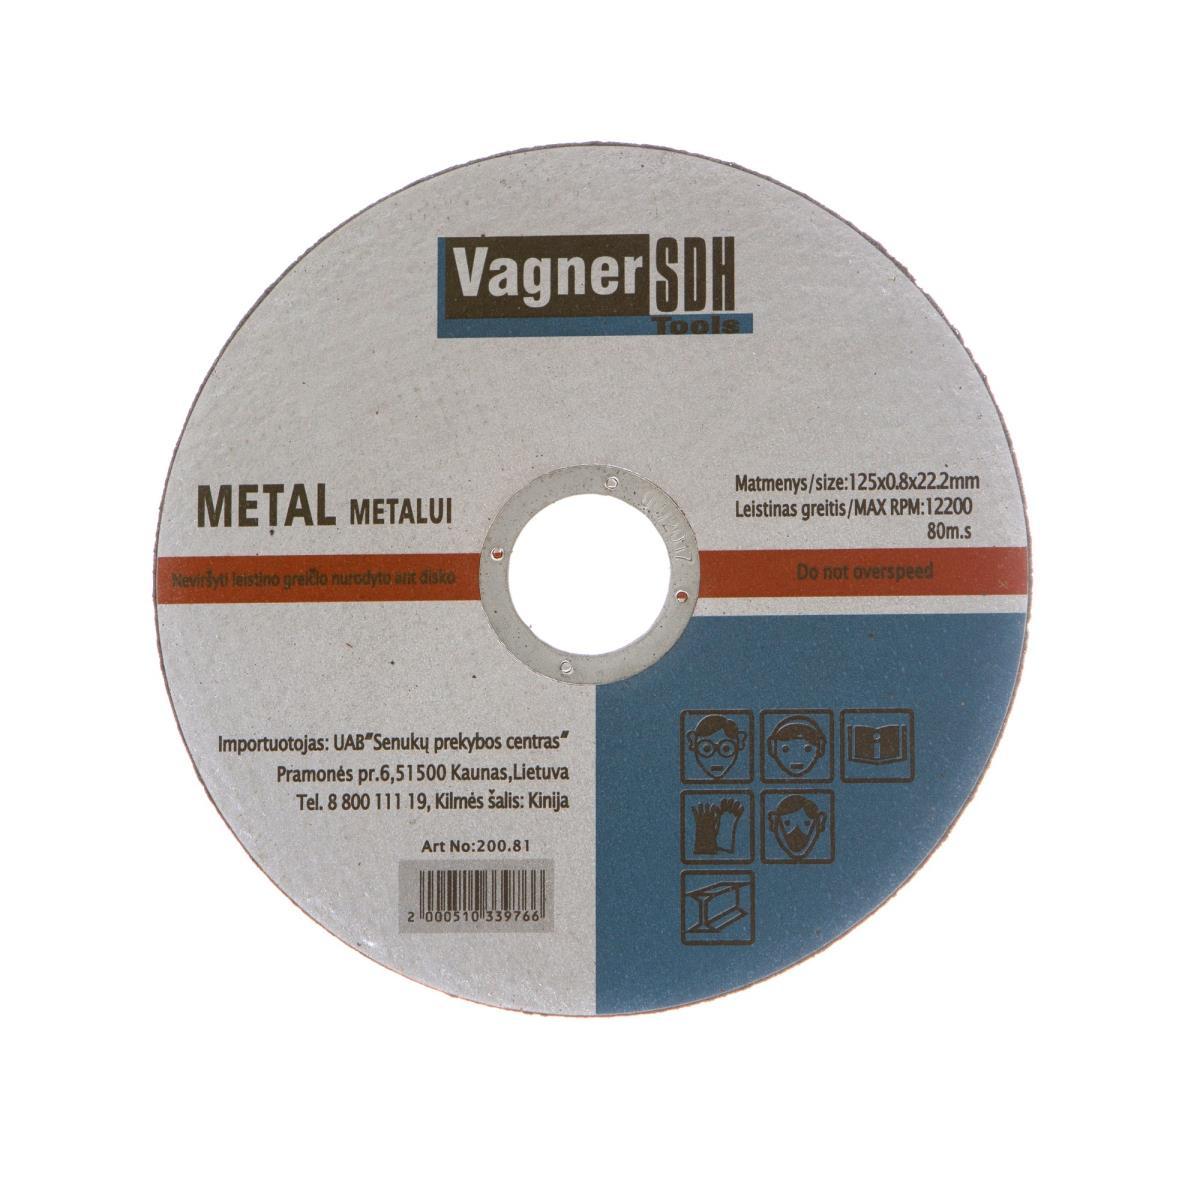 Trennscheiben 50 Stk. ø125 x 0,8mm für Metall Stahl Flexscheiben,Vagner SDH,2100510339763, 4243067013293